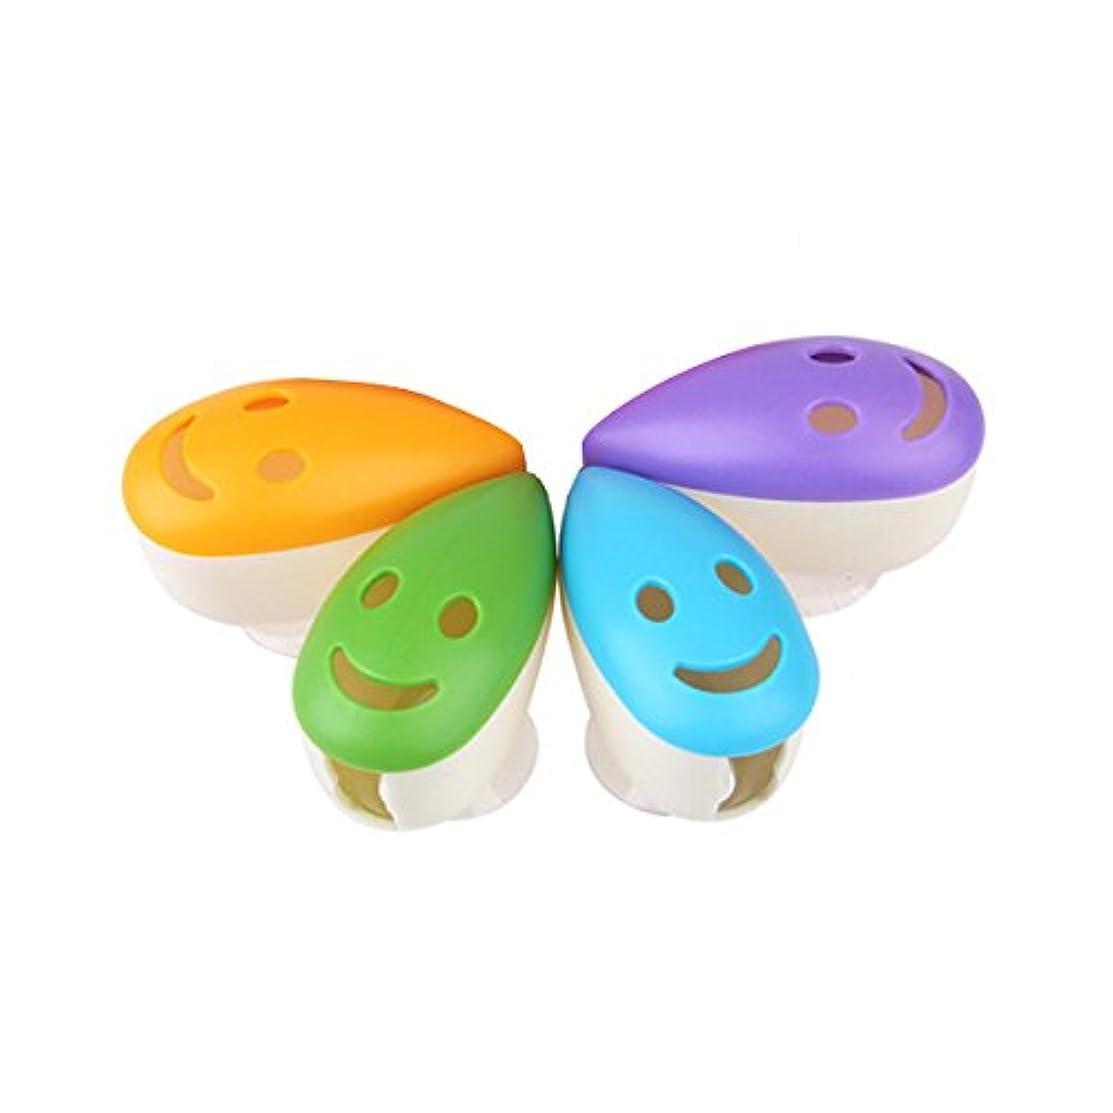 睡眠制裁経営者ROSENICE スマイルフェイス抗菌歯ブラシヘッドホルダーサクションカップ4本用